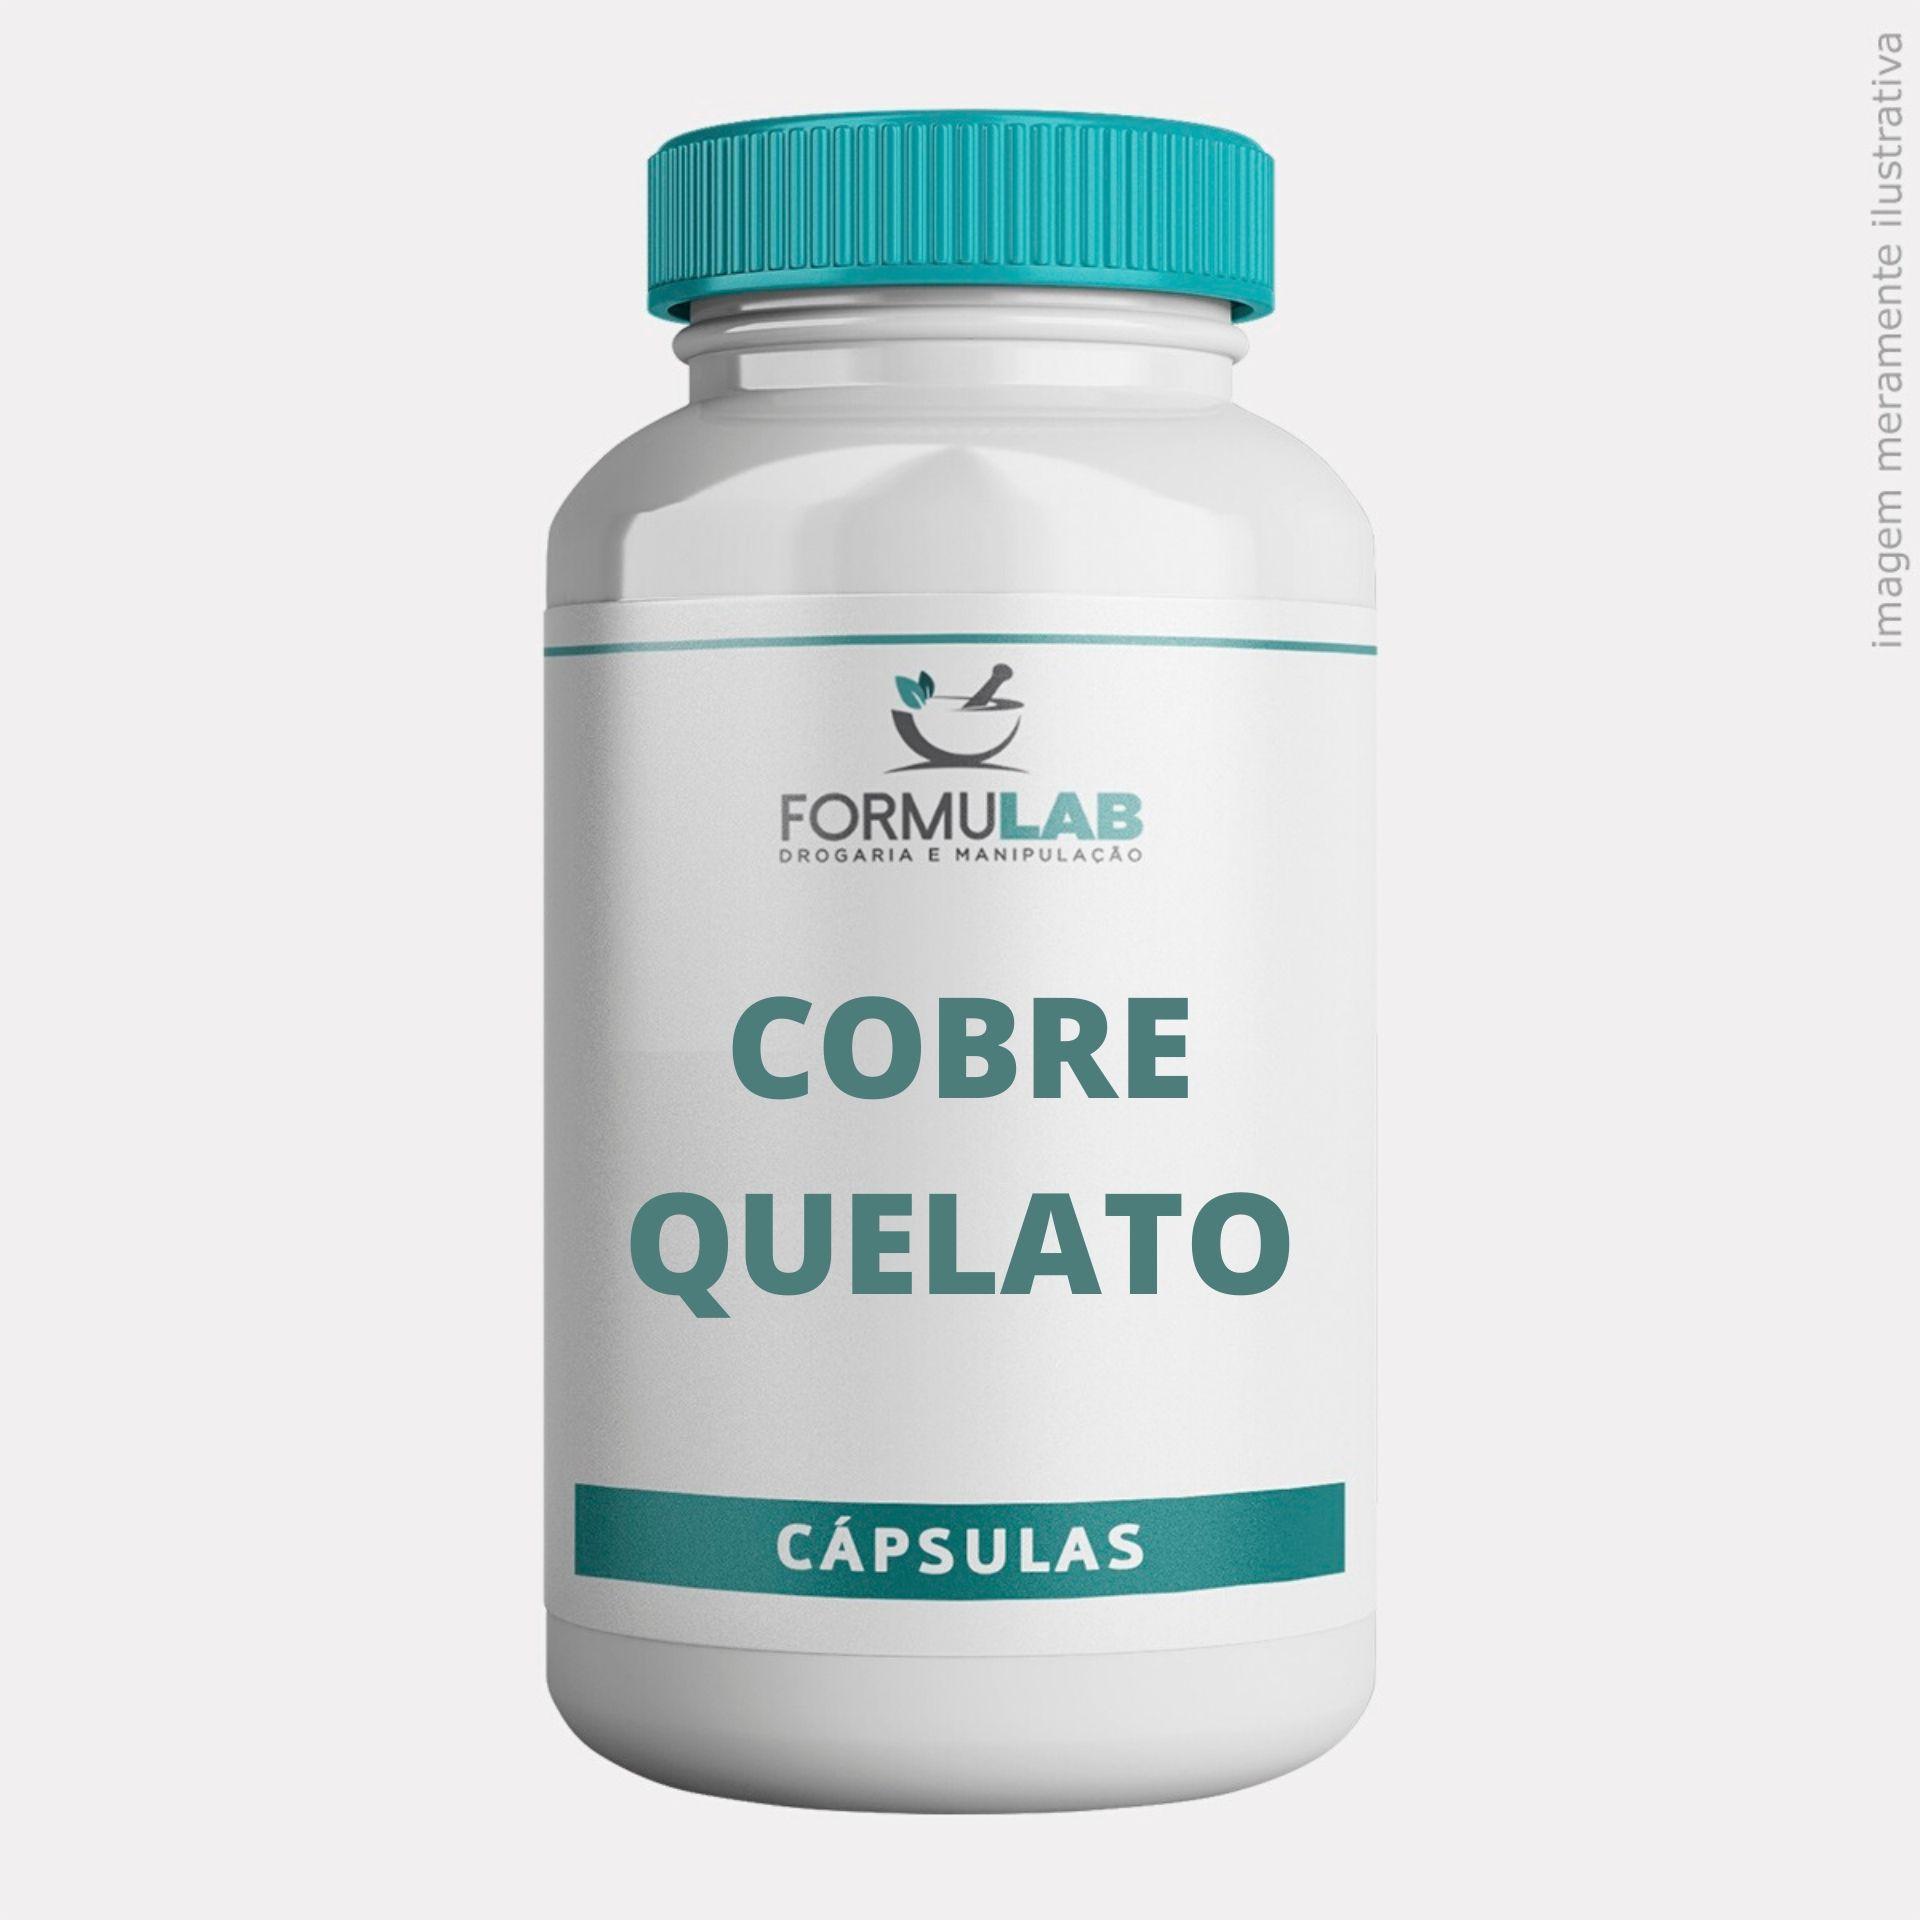 Cobre Quelato 2mg - Cobre Mineral